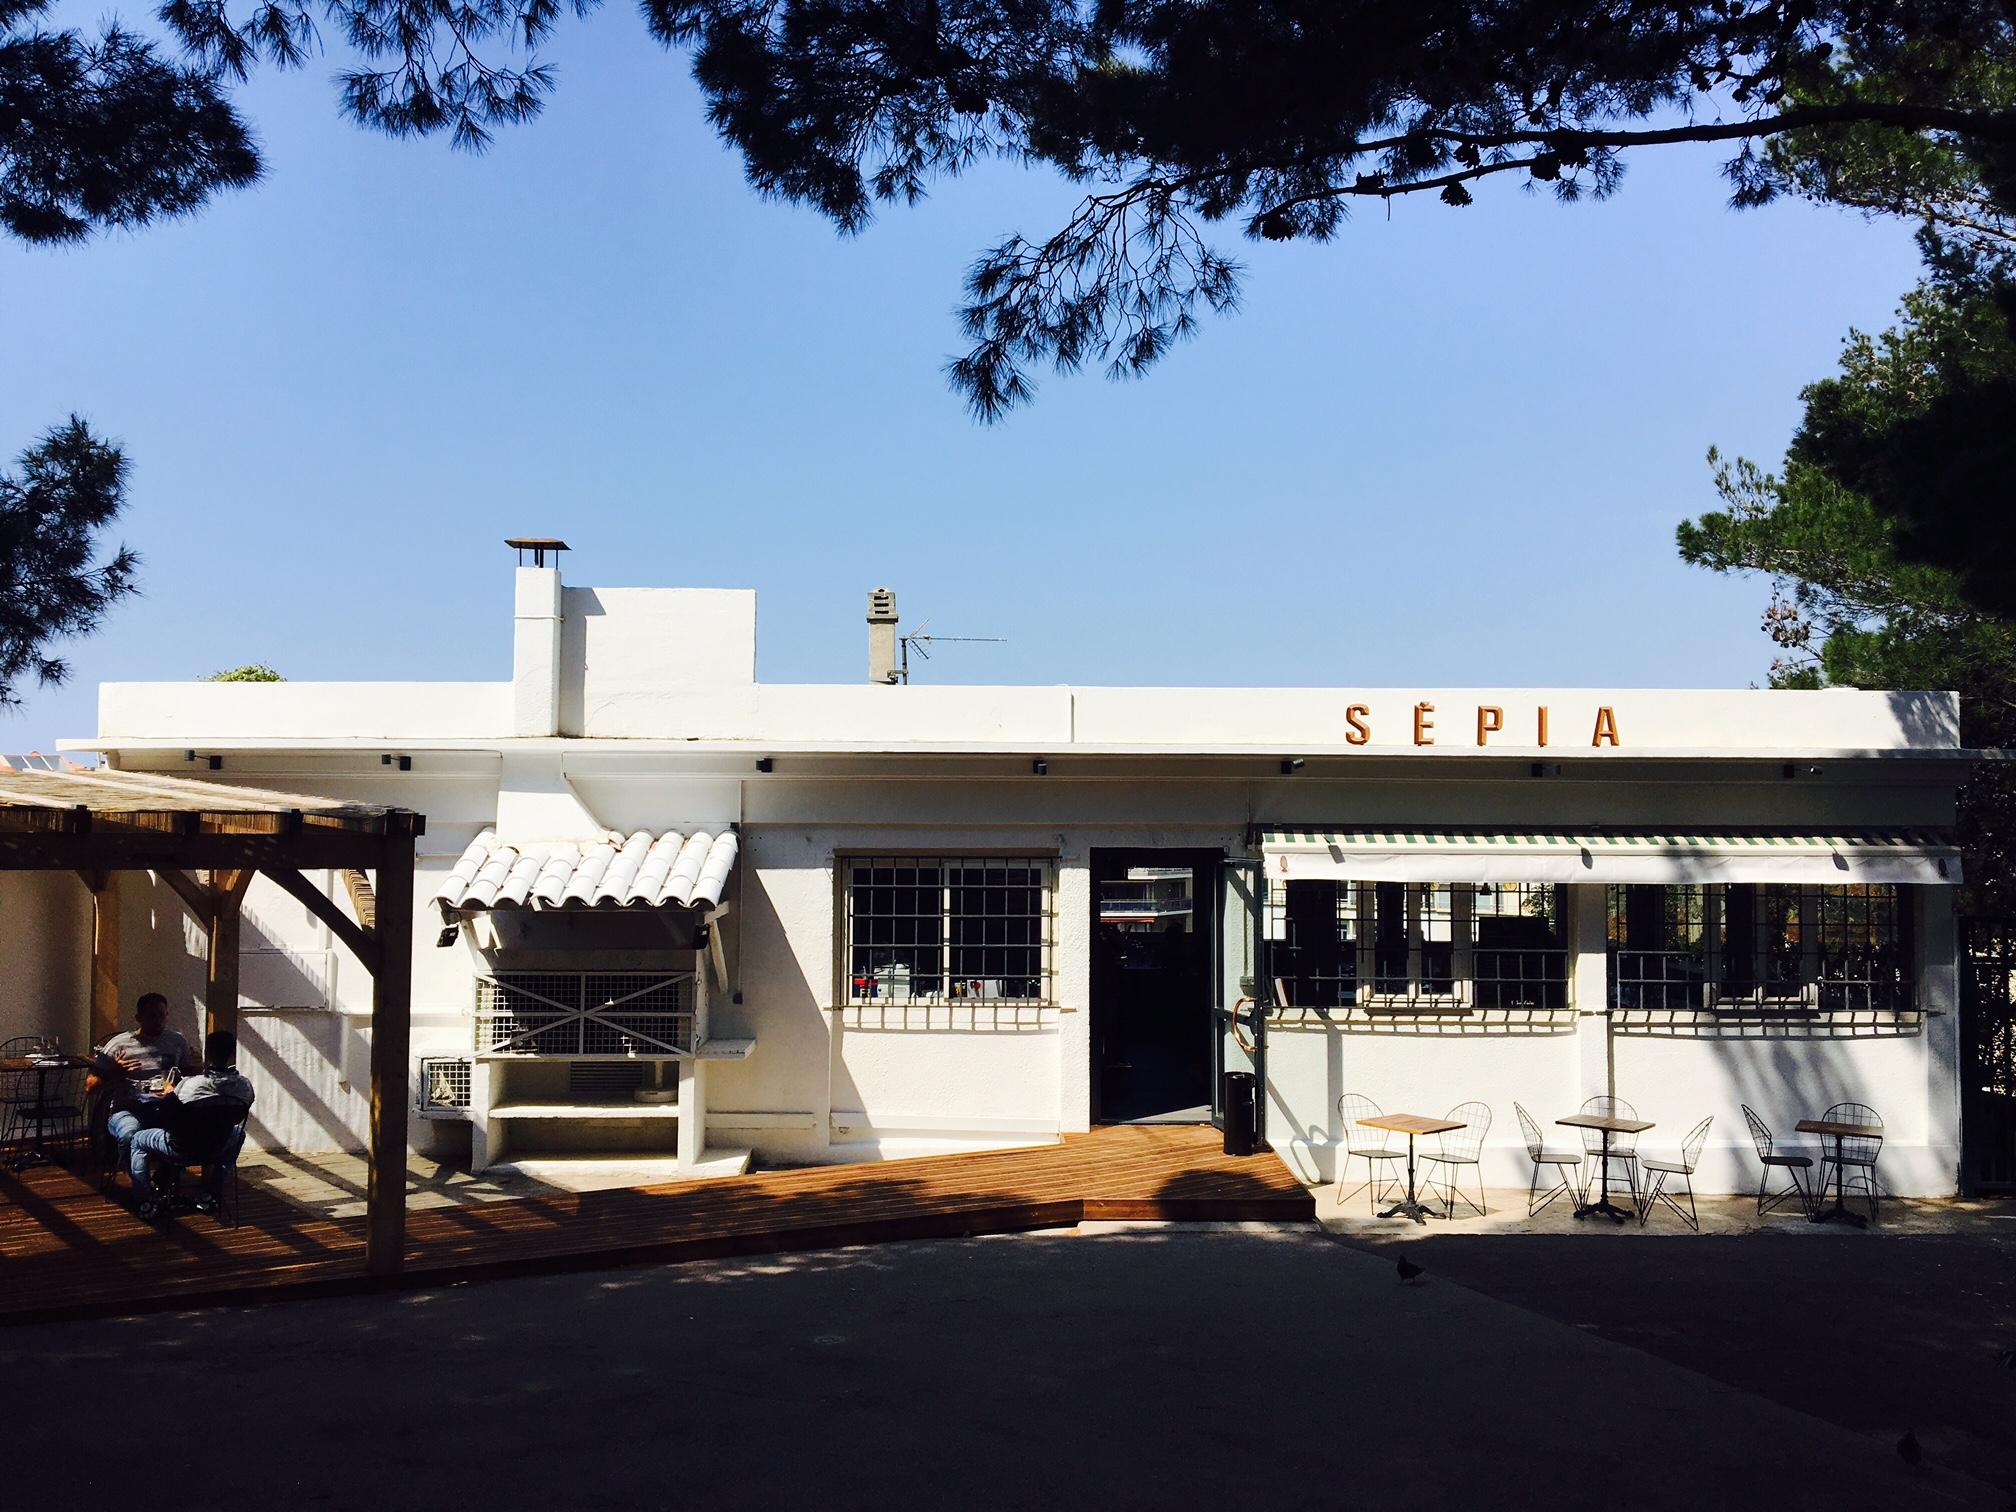 Restaurant Le Sepia Marseille